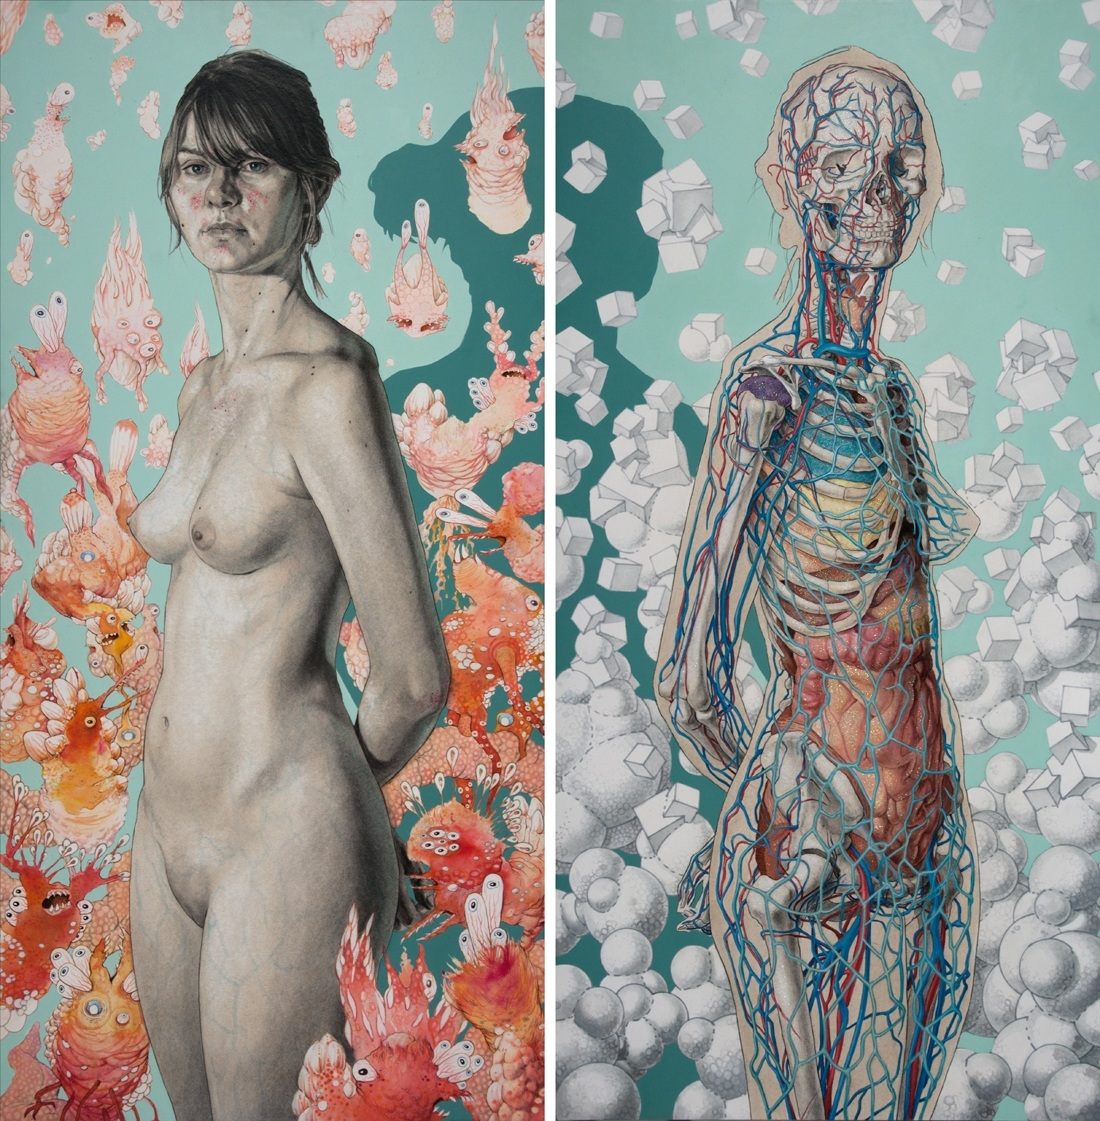 El Fascinante Arte de la Anatomía Humana | Feel the Brain